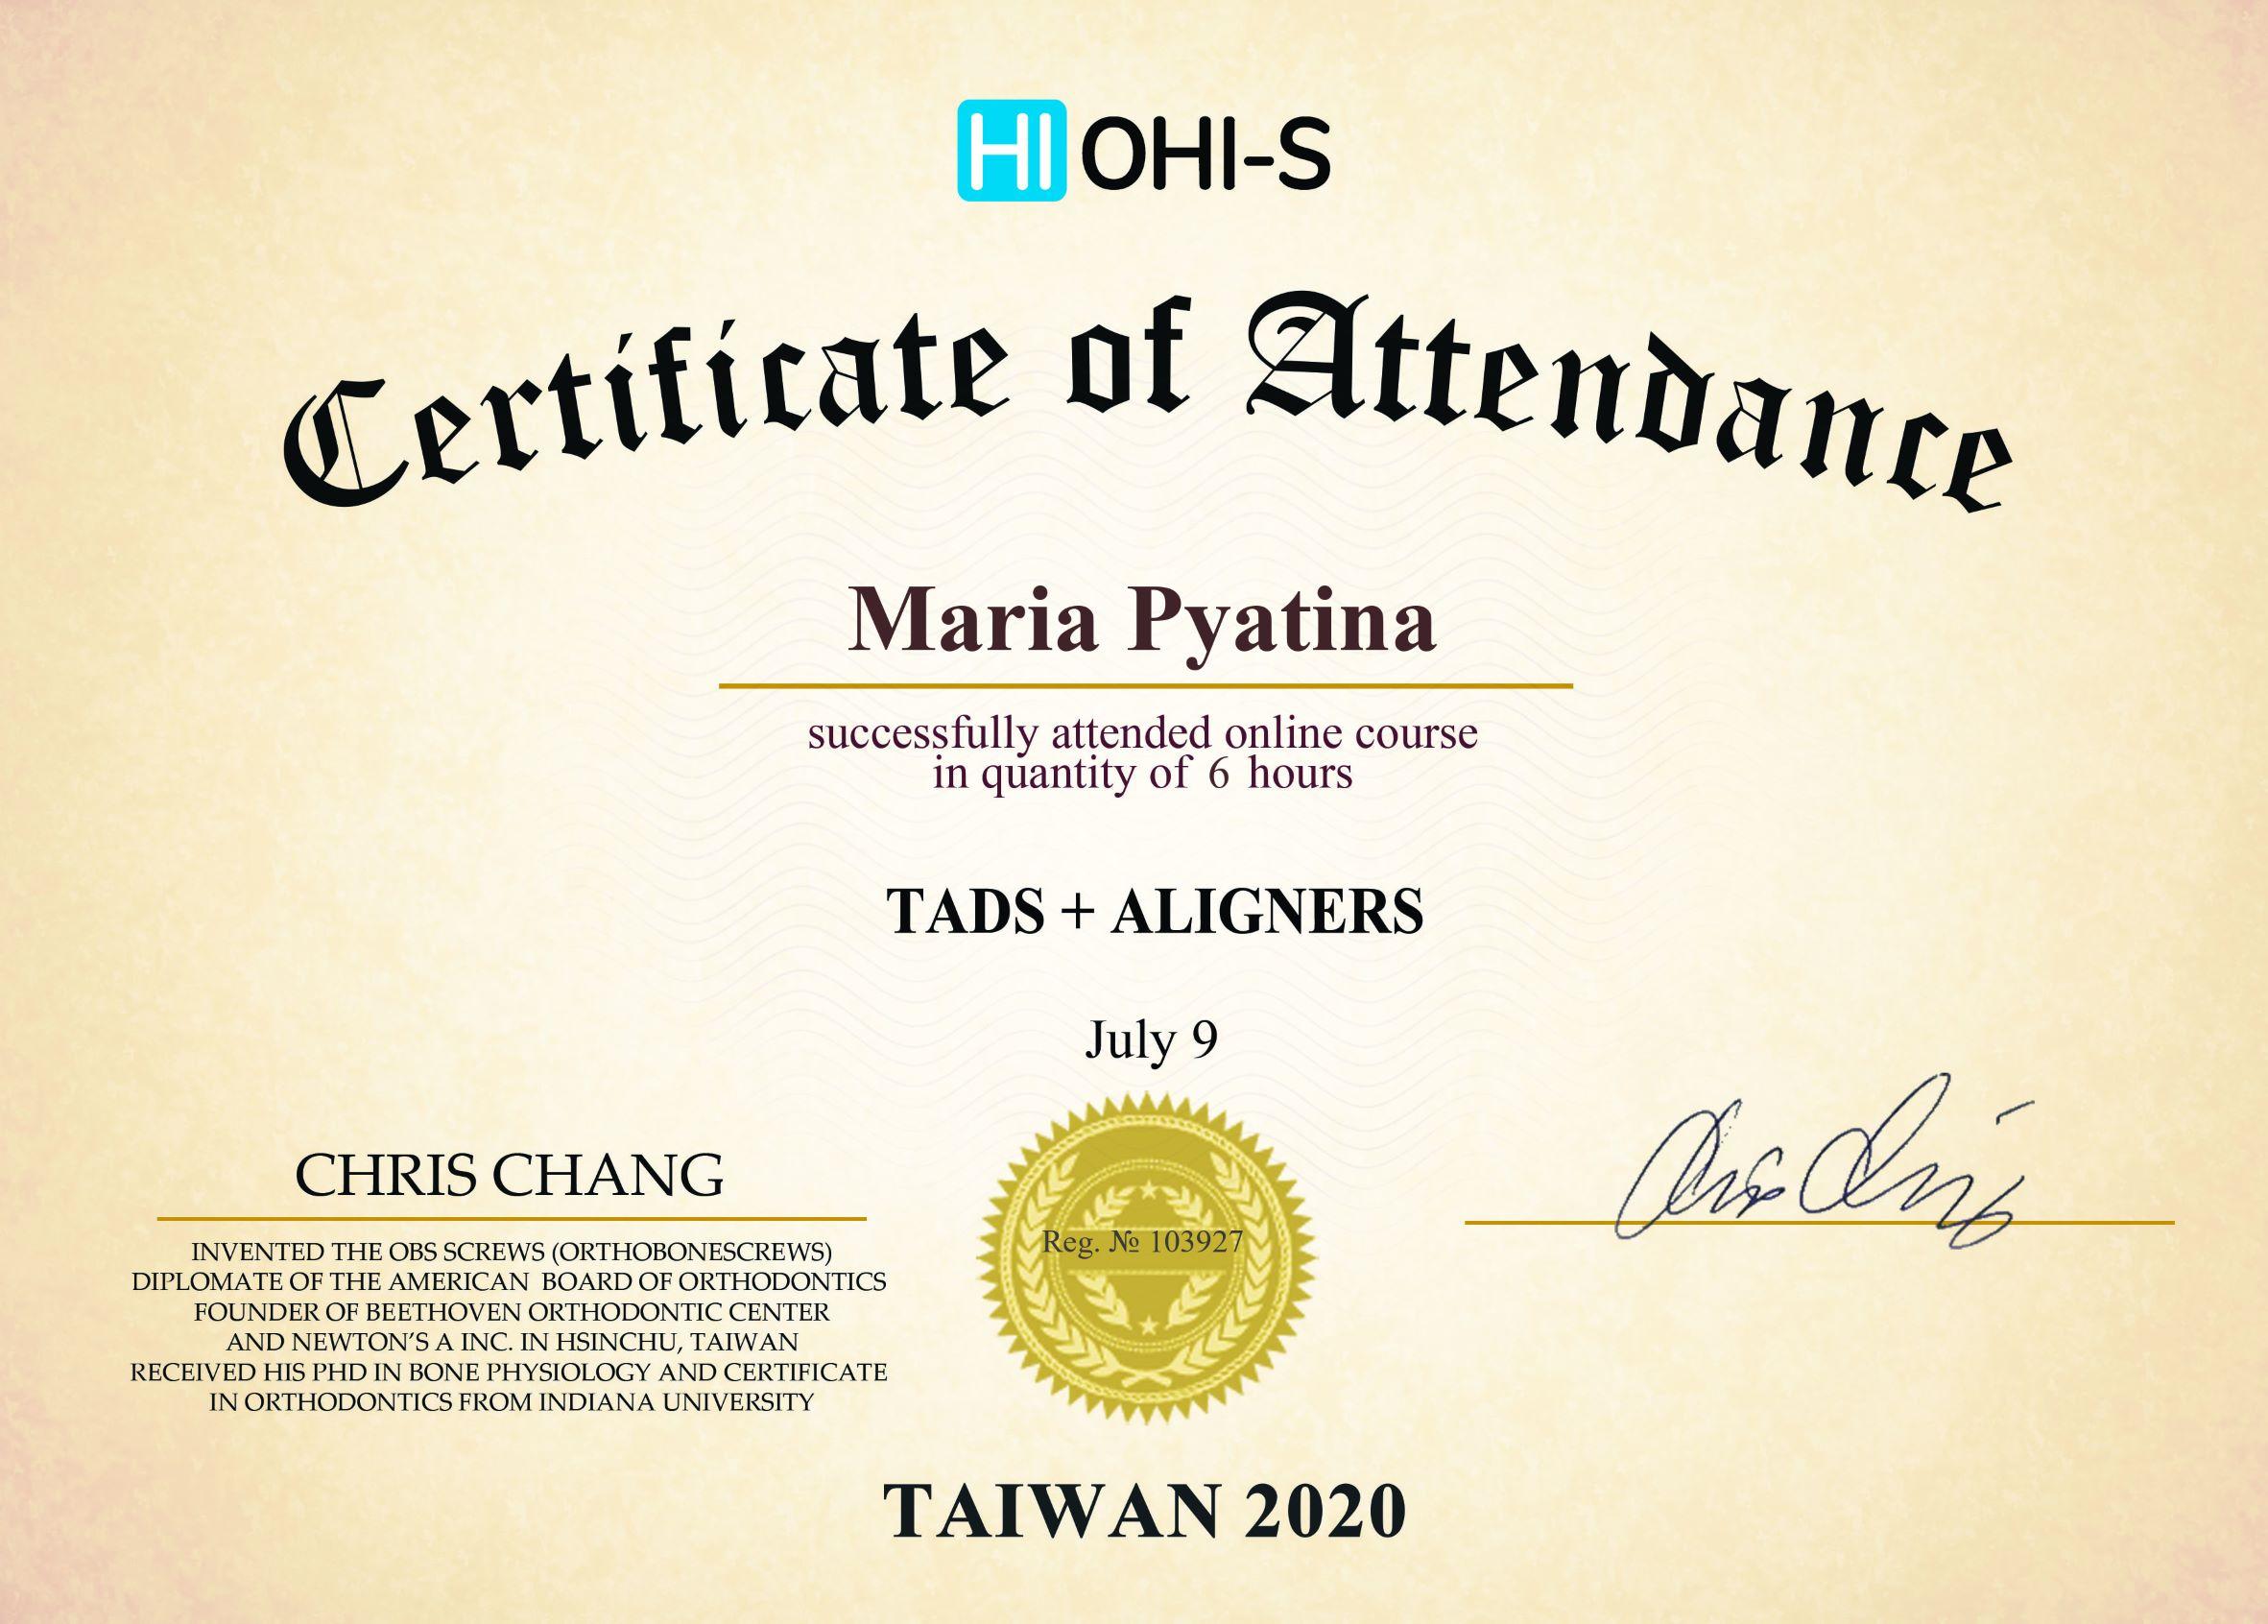 2020, HI OHI-S, Taiwan